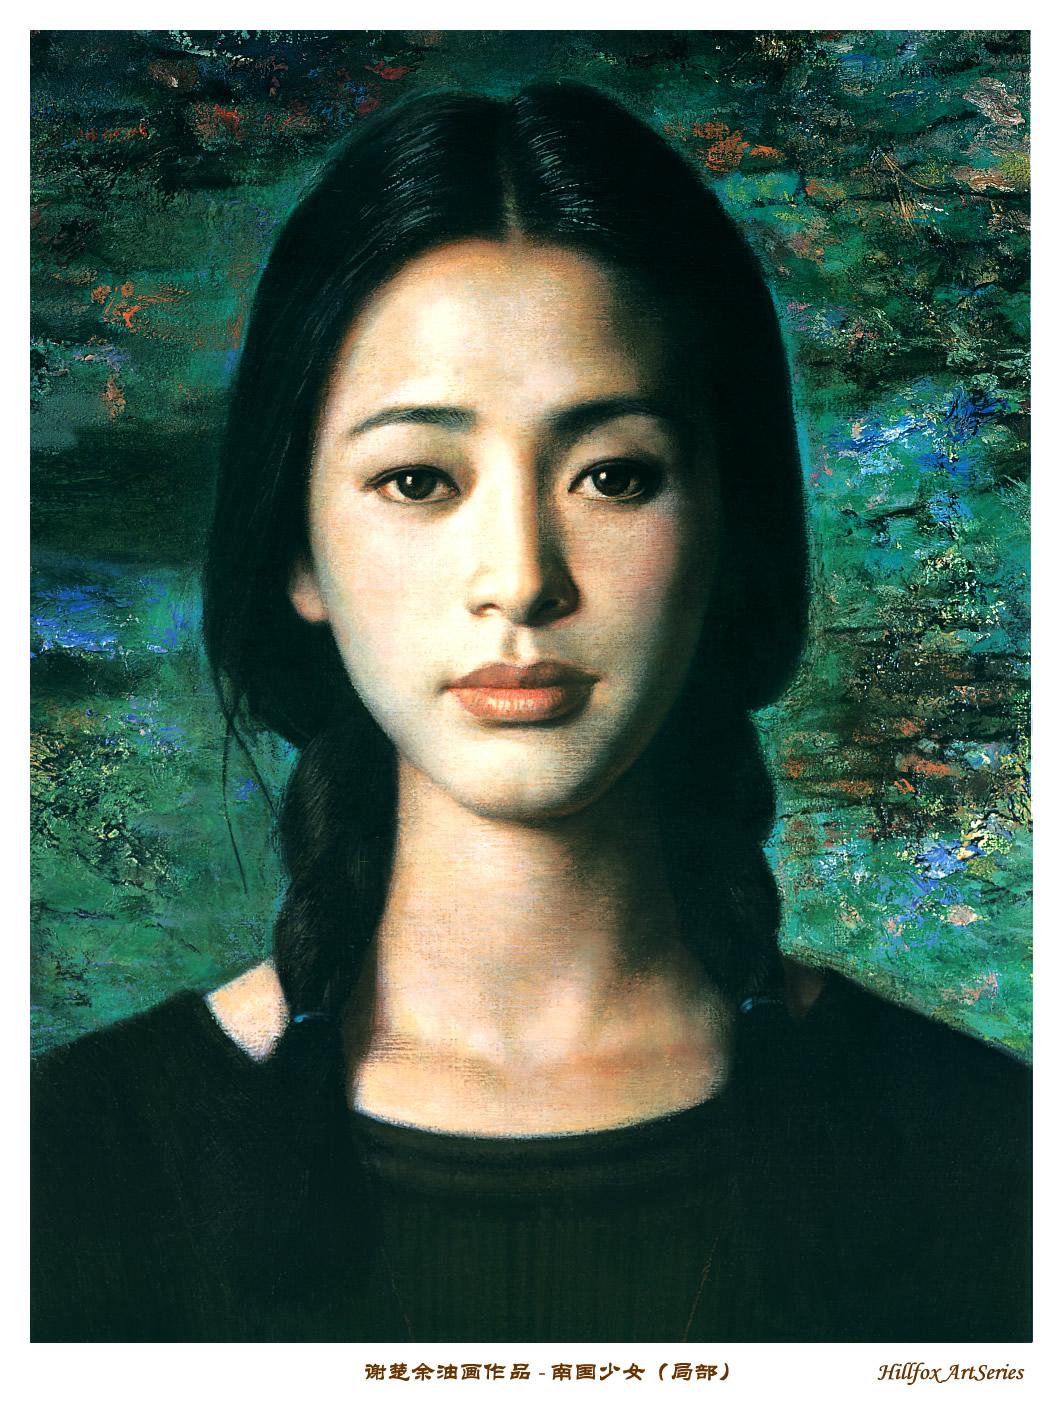 谢楚余油画人物欣赏[28P] - 影音贴图 - 爱毒霸社